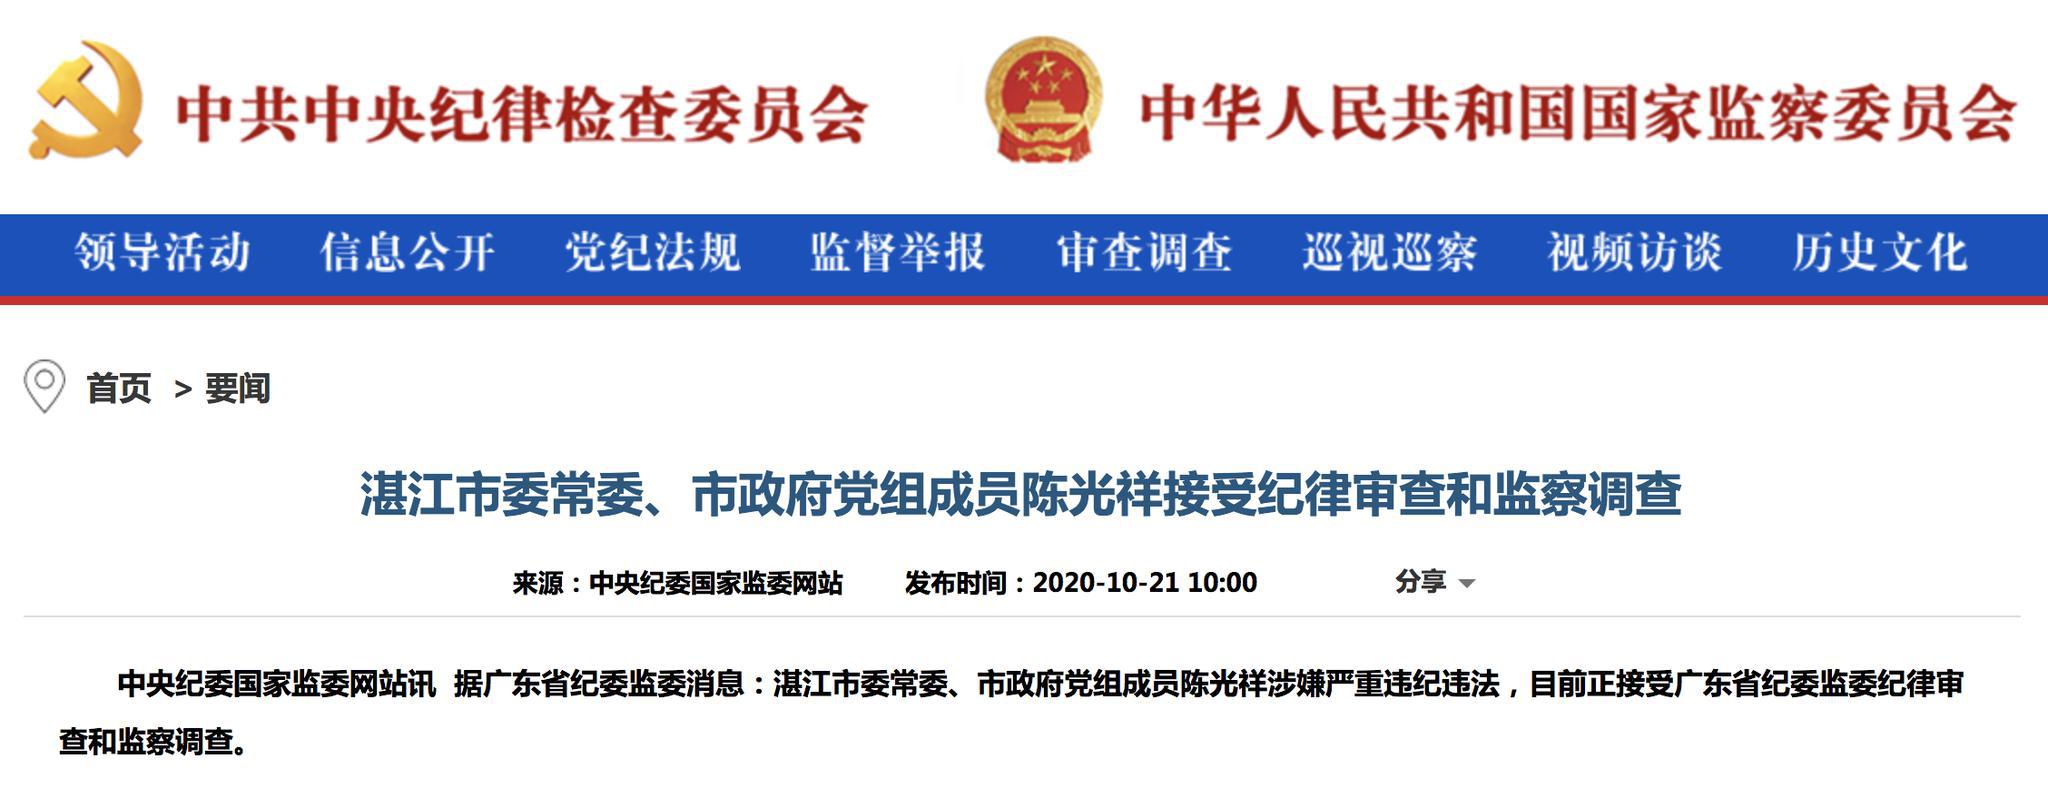 广东省湛江市委常委、市政府党组成员陈光祥被查图片